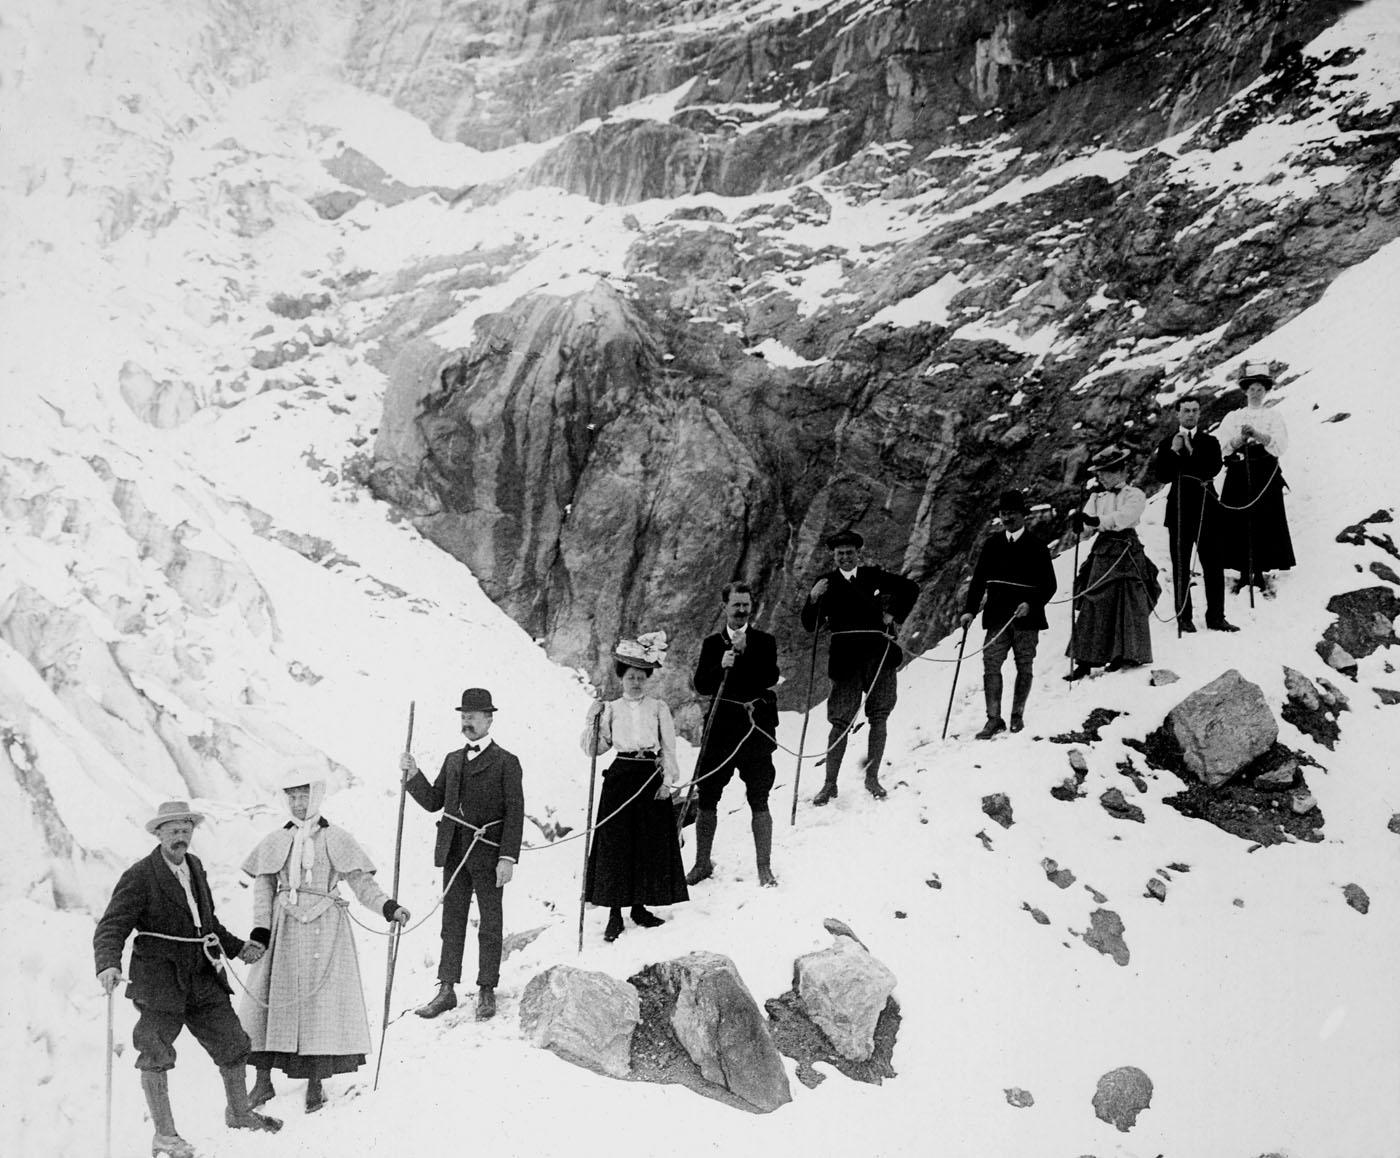 Upper Glacier Grindelwald